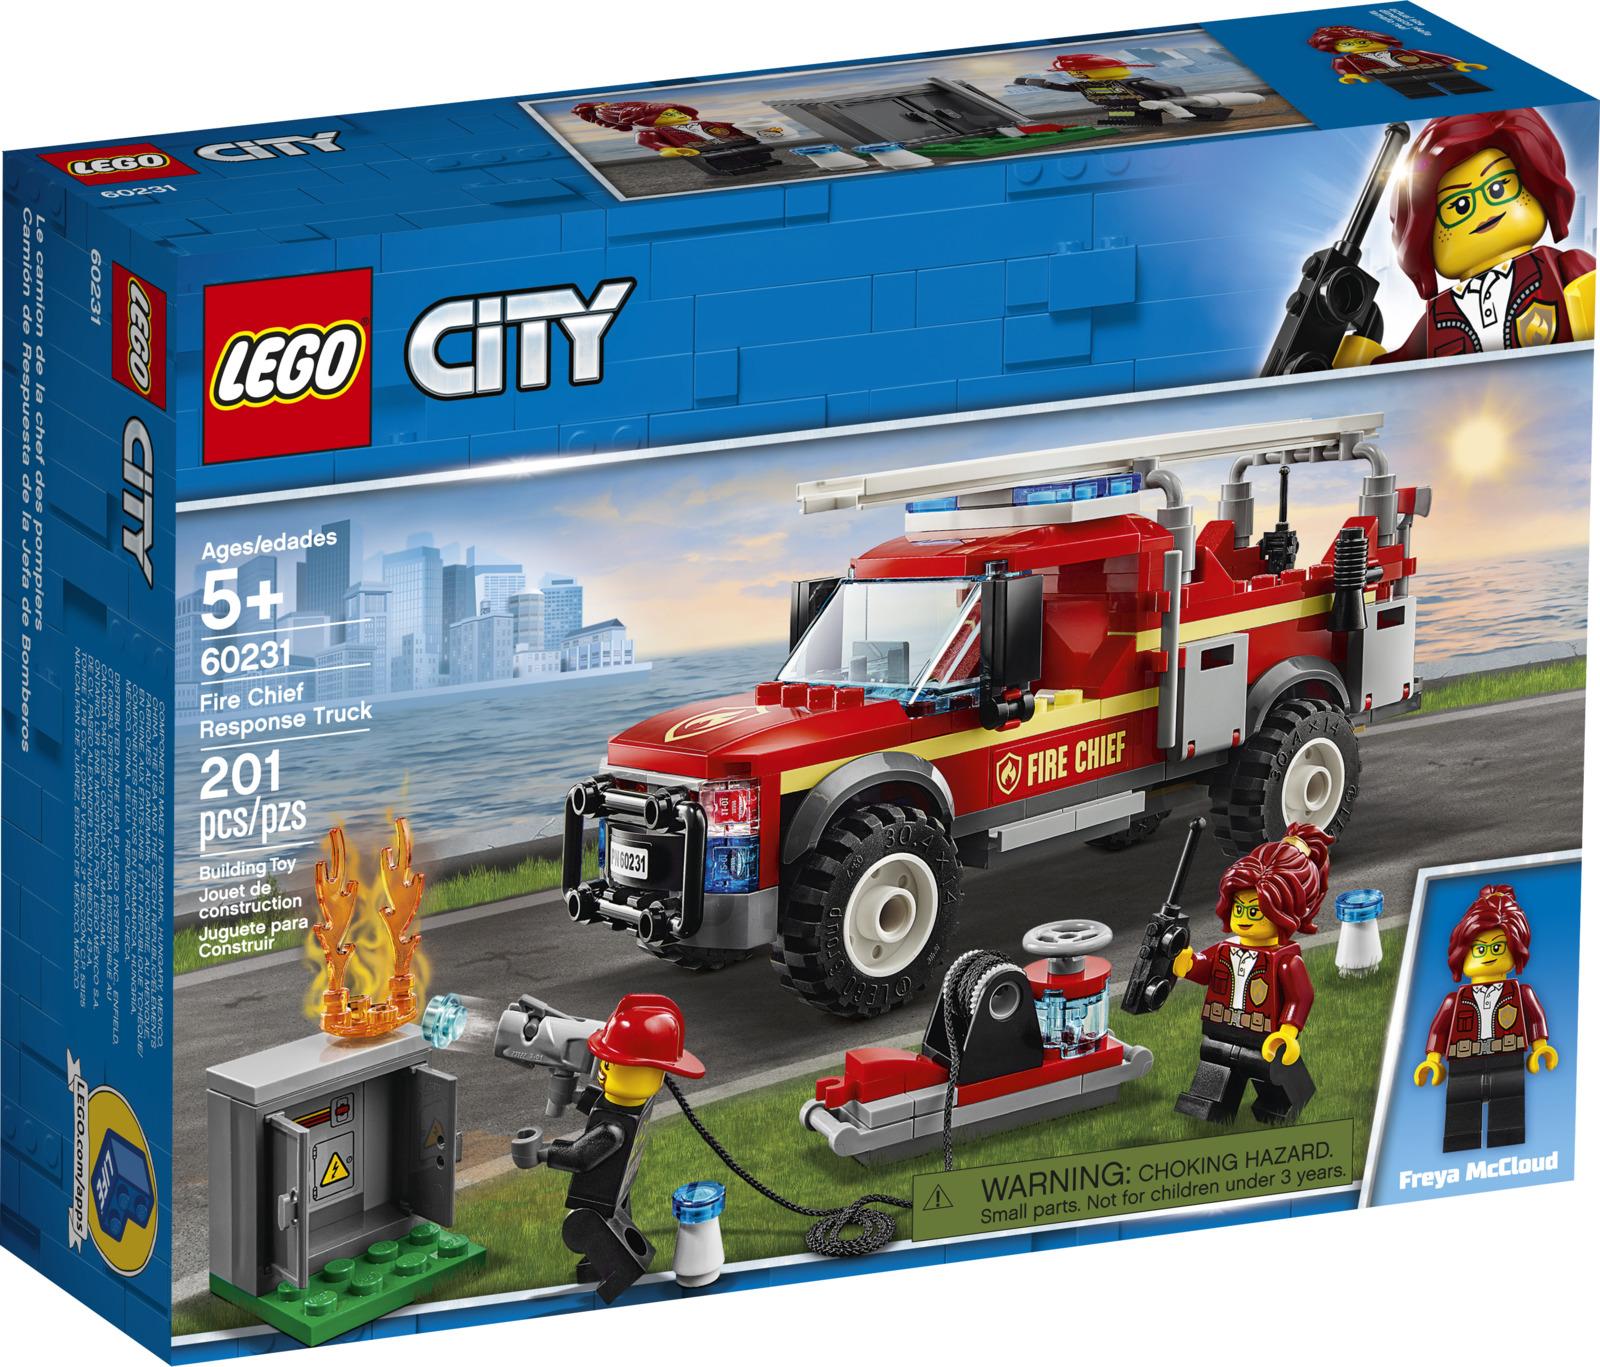 цена на LEGO City Town 60231 Грузовик начальника пожарной охраны Конструктор